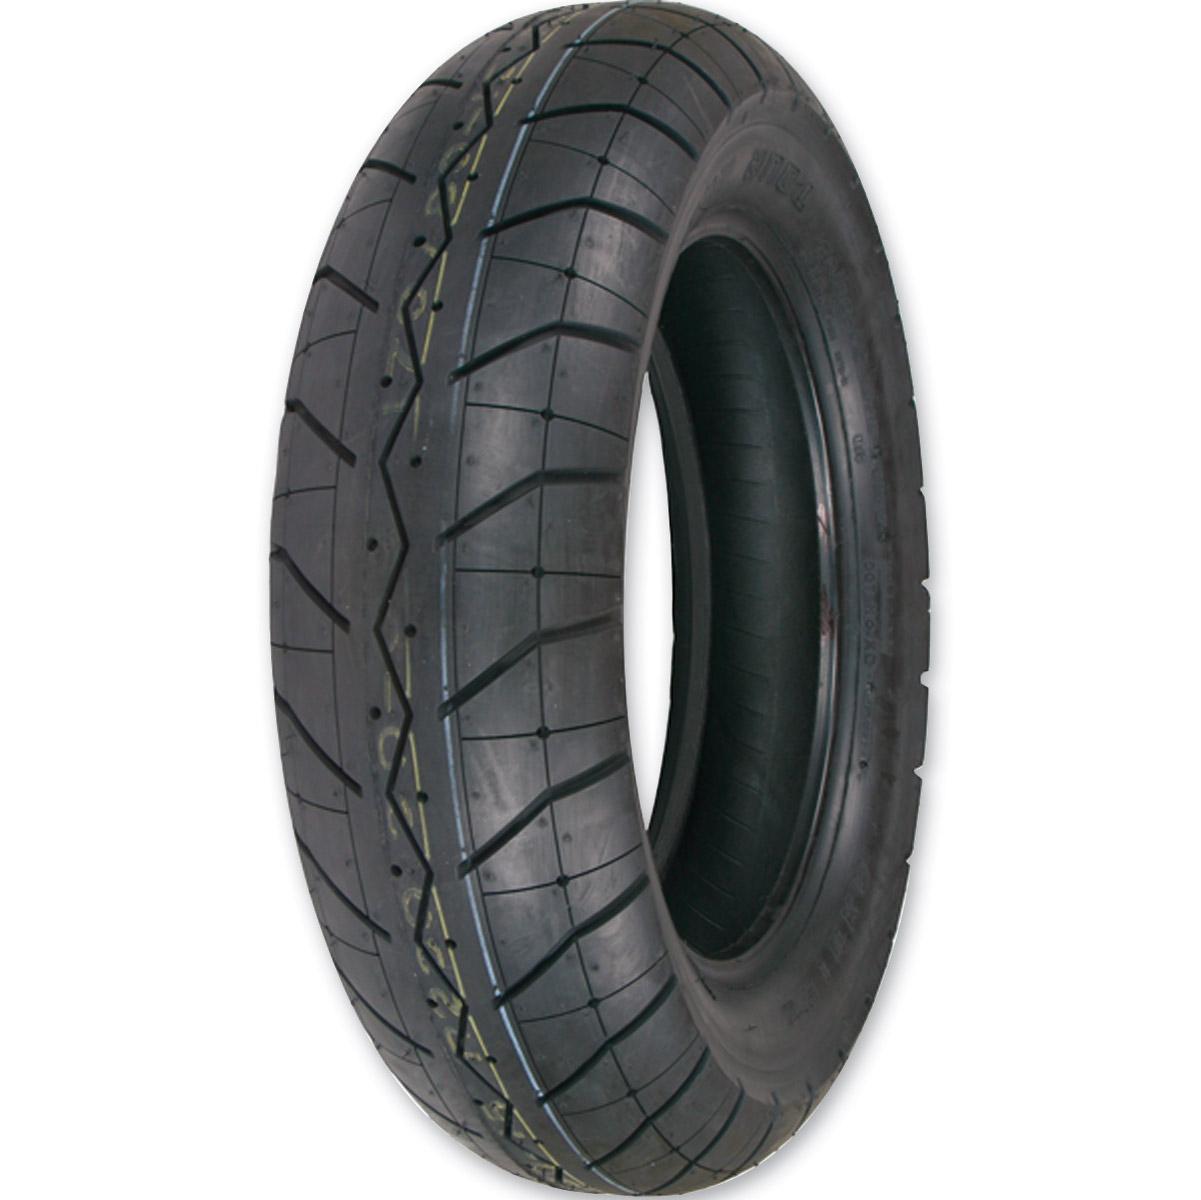 Shinko 230 Tour Master 150/90-15 Rear Tire